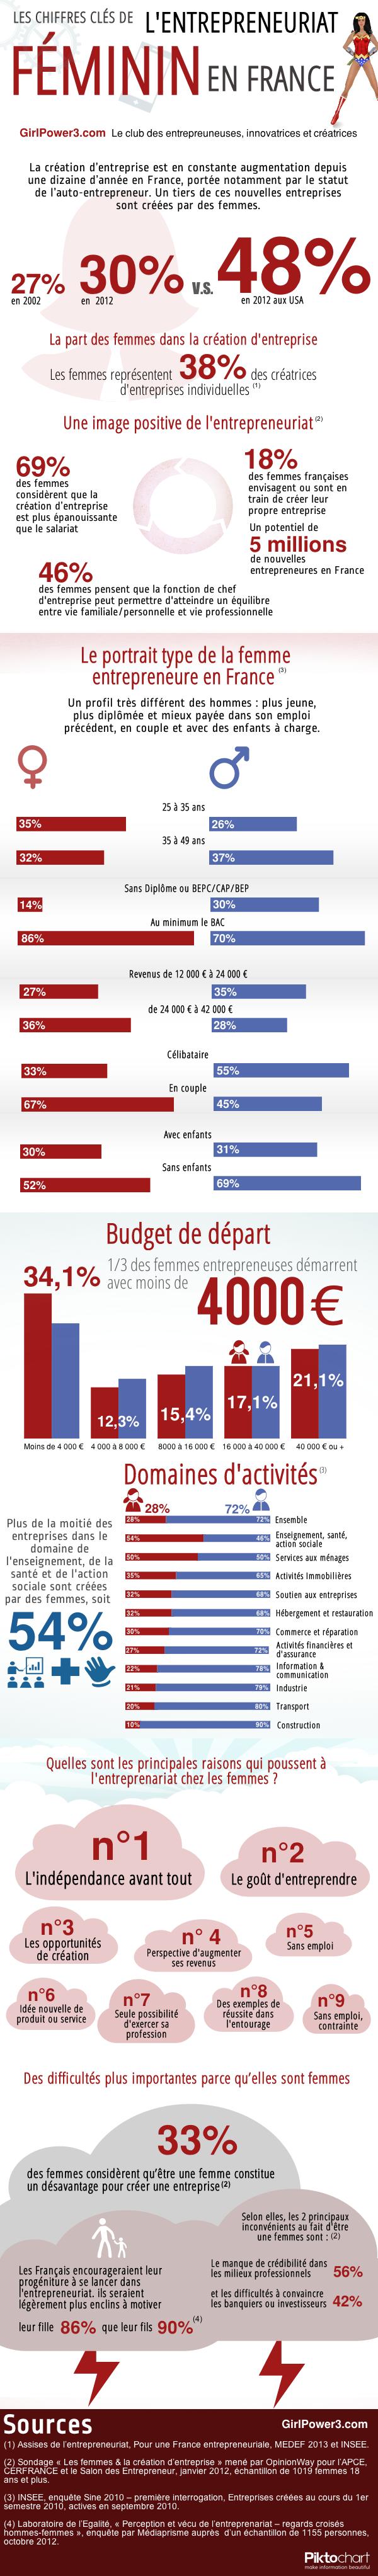 entrepreneuriat_feminin_infographie_gp3